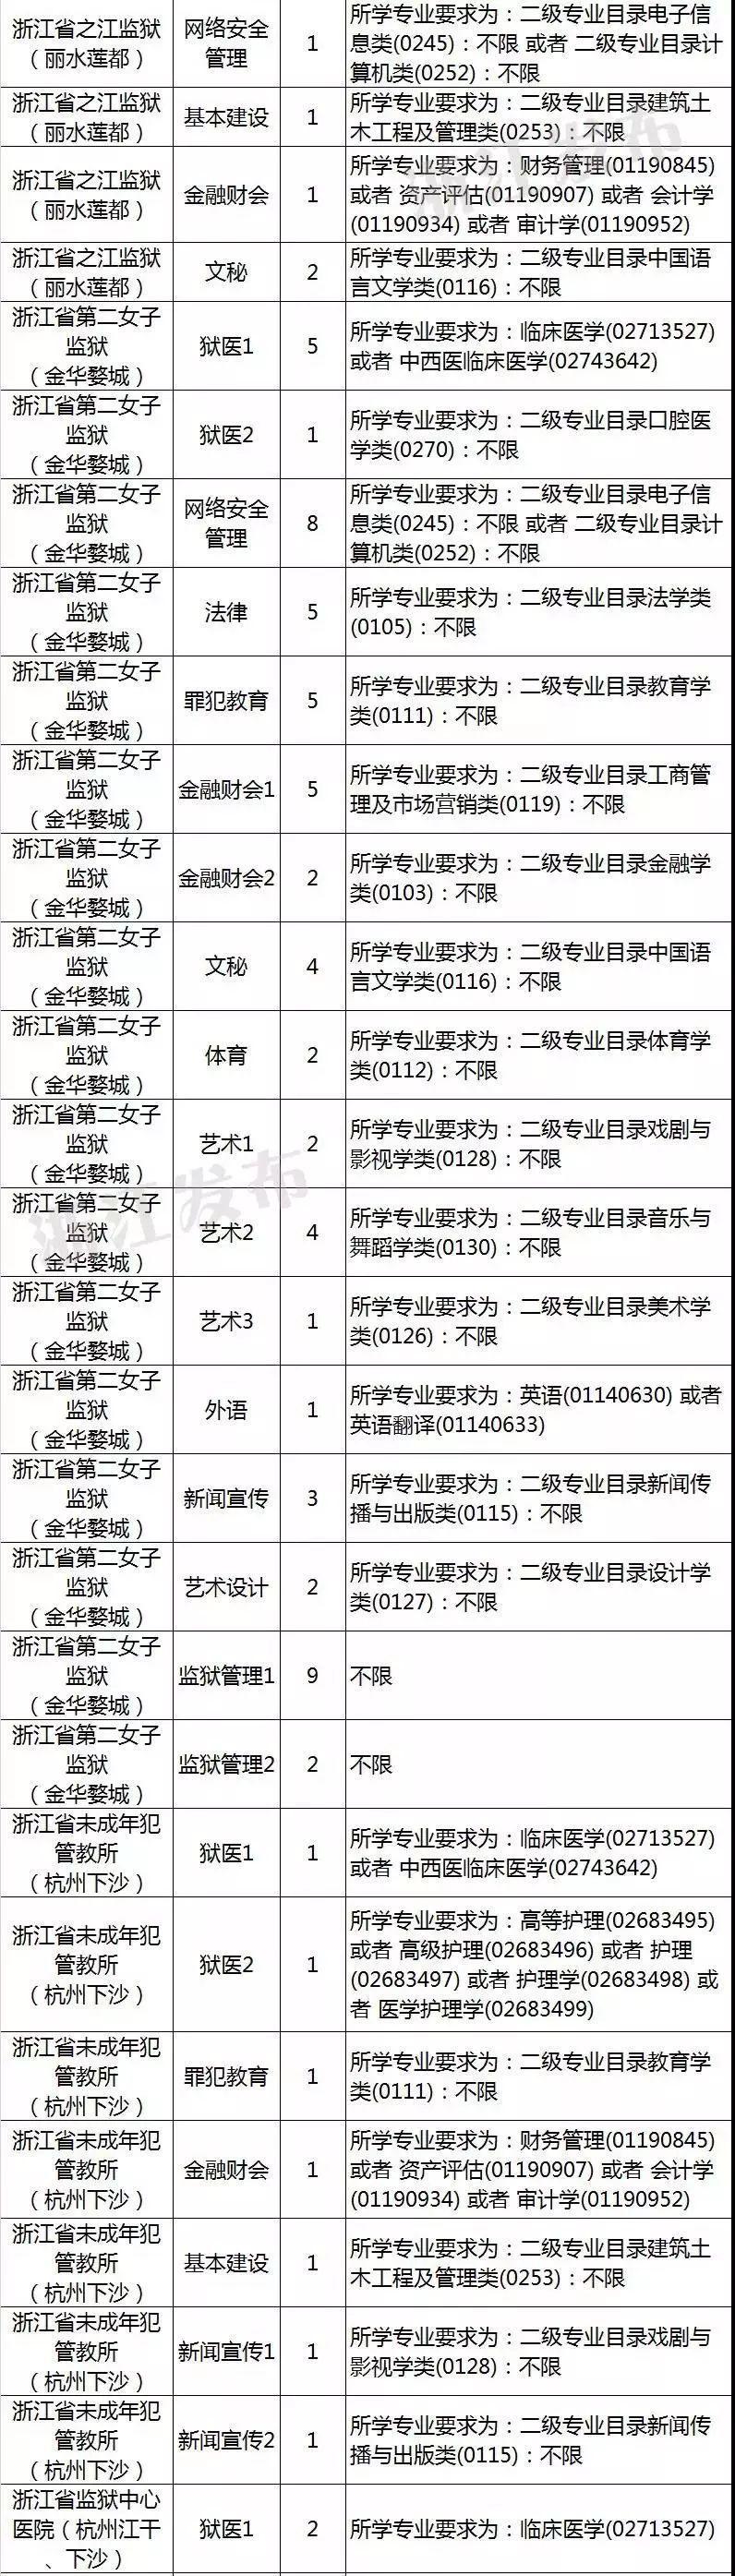 浙江省公务员录用网_2019浙江省属监狱系统公务员考录丨内附职位表_gov